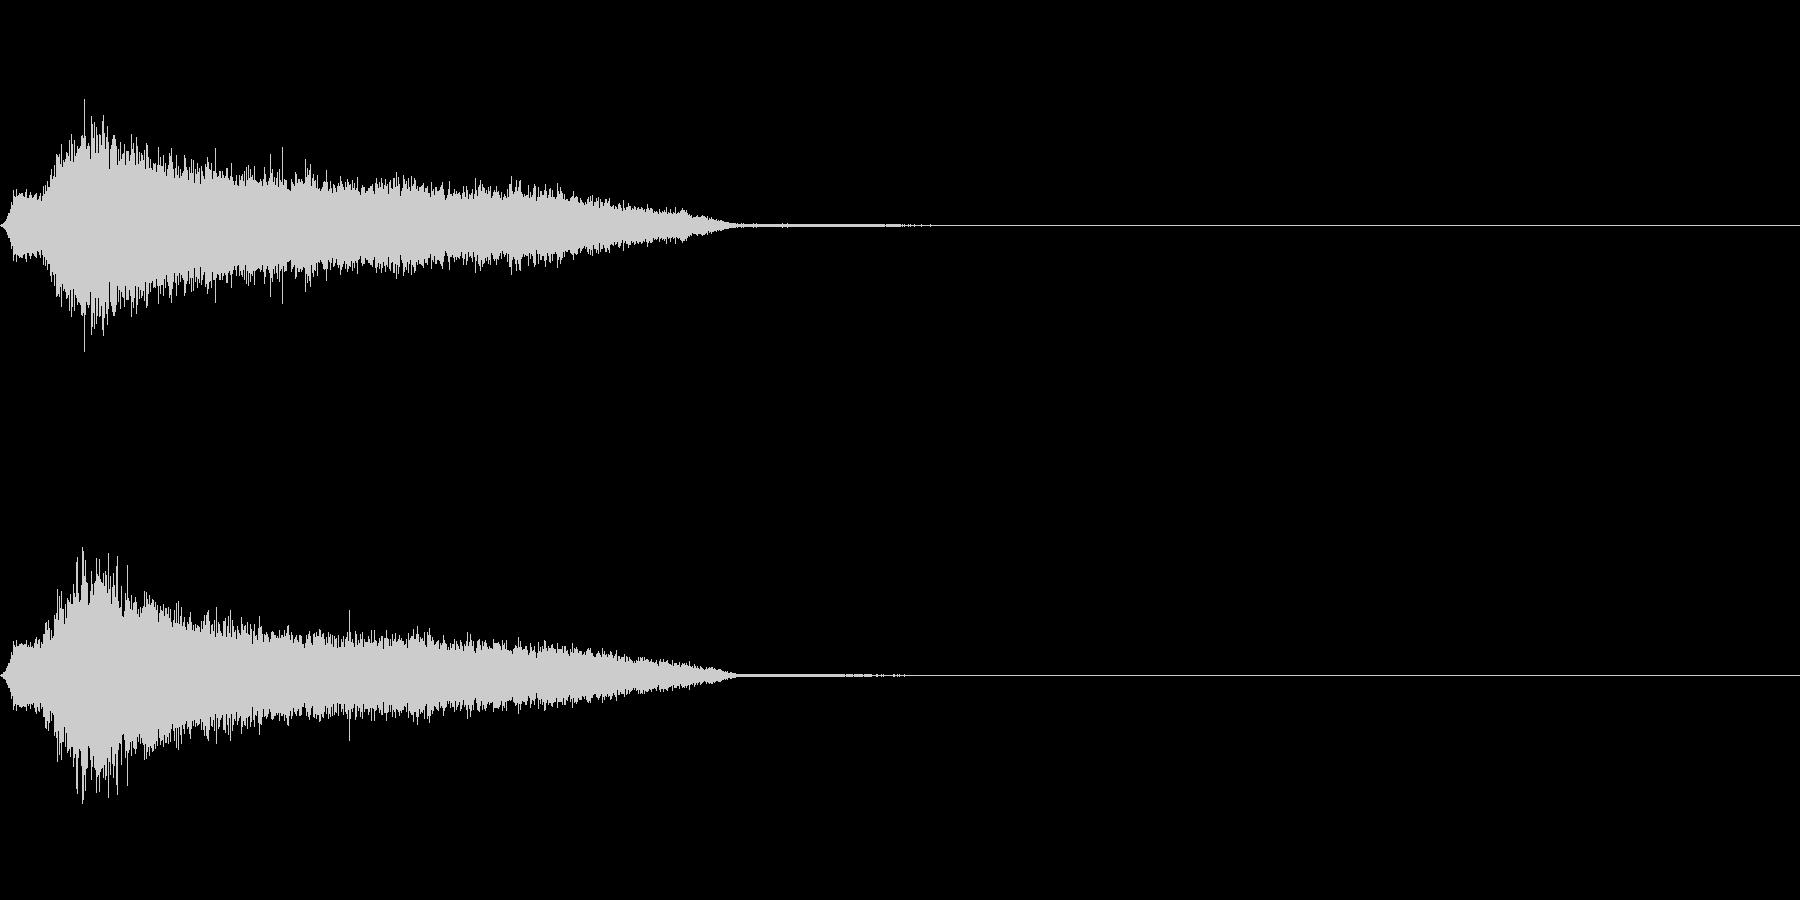 ガチャ_ゲット音(レア度S)の未再生の波形